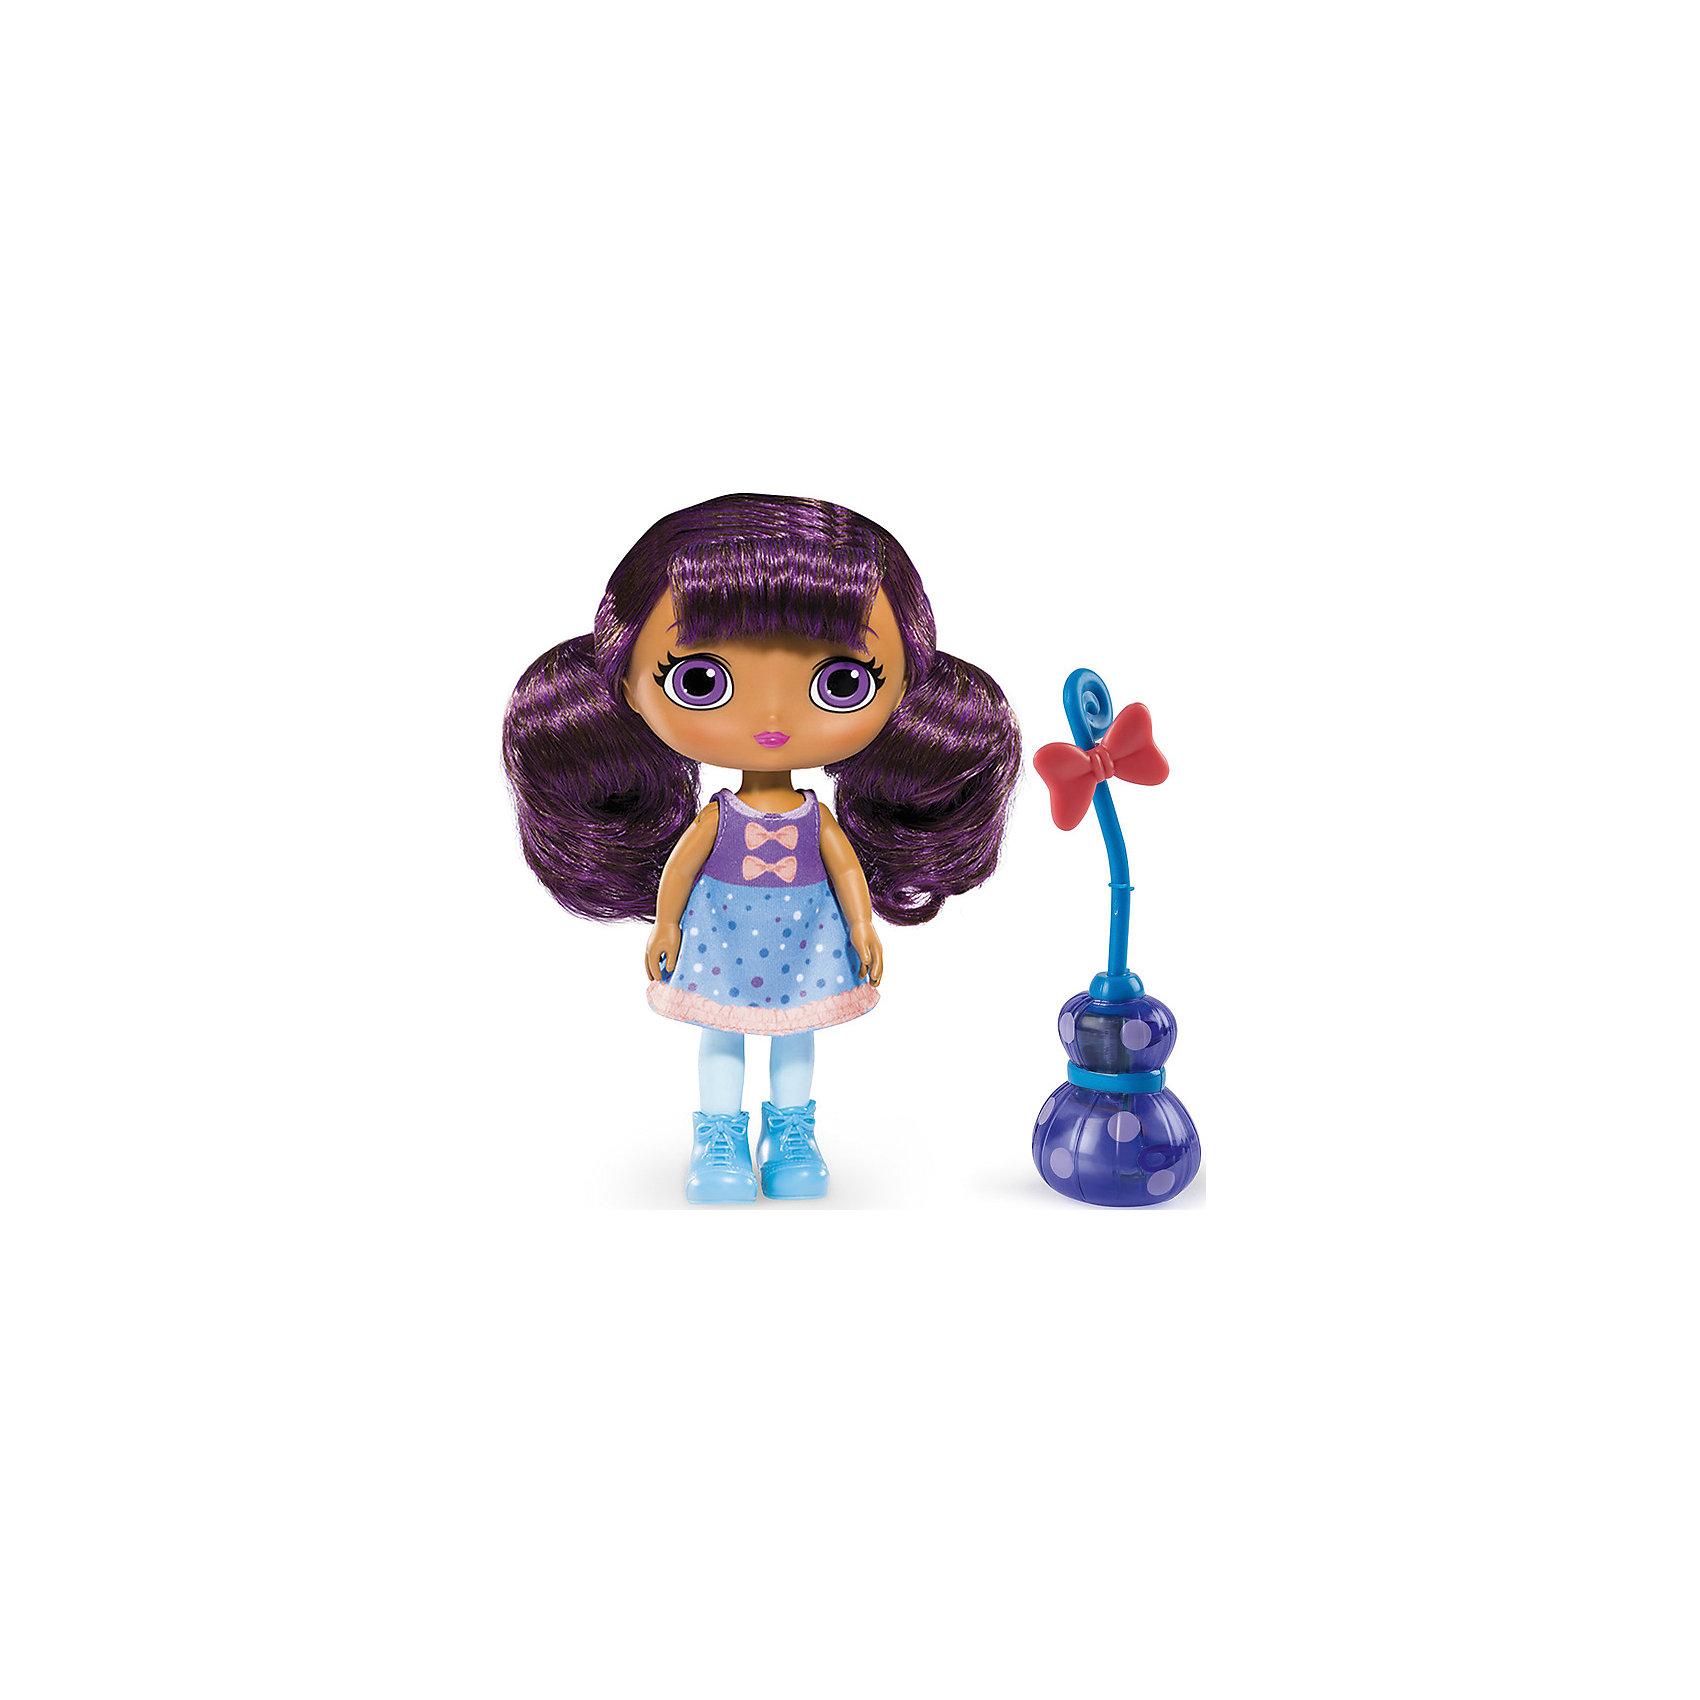 Кукла со светом и звуком Лавендер, 20 см, Маленькие волшебницы, Spin MasterКукла со светом и звуком Лавендер, 20 см, Маленькие волшебницы, Spin Master<br><br>Характеристики куклы Little Charmers:<br><br>• световые эффекты: если усадить куклу на метлу и наклонить, метла начнет светиться;<br>• звуковые эффекты: свистящий звук полета во время движения;<br>• высота куклы: 20 см;<br>• материал: пластик, текстиль;<br>• батарейки включены в комплект;<br>• размер упаковки: 25х28х8 см;<br>• вес упаковки: 250 г.<br><br>Маленькие волшебницы Little Charmers очень дружны между собой. Мастерица магических зелий Лавендер - яркая и терпеливая героиня. Волосы баклажанового цвета нейлоновые, их можно расчесывать. Руки и ноги поднимаются и опускаются, голова поворачивается. Кукла Лавендер может занимать положение «сидя», когда летит на своей волшебной метле. <br><br>В процессе игры с куклами Литтл Чармерс у девочек развивается фантазия, появляется возможность обыграть сцены из мультфильма. <br><br>Куклу со светом и звуком Лавендер, 20 см, Маленькие волшебницы, Spin Master можно купить в нашем интернет-магазине.<br><br>Ширина мм: 255<br>Глубина мм: 75<br>Высота мм: 280<br>Вес г: 507<br>Возраст от месяцев: 36<br>Возраст до месяцев: 2147483647<br>Пол: Женский<br>Возраст: Детский<br>SKU: 5064310